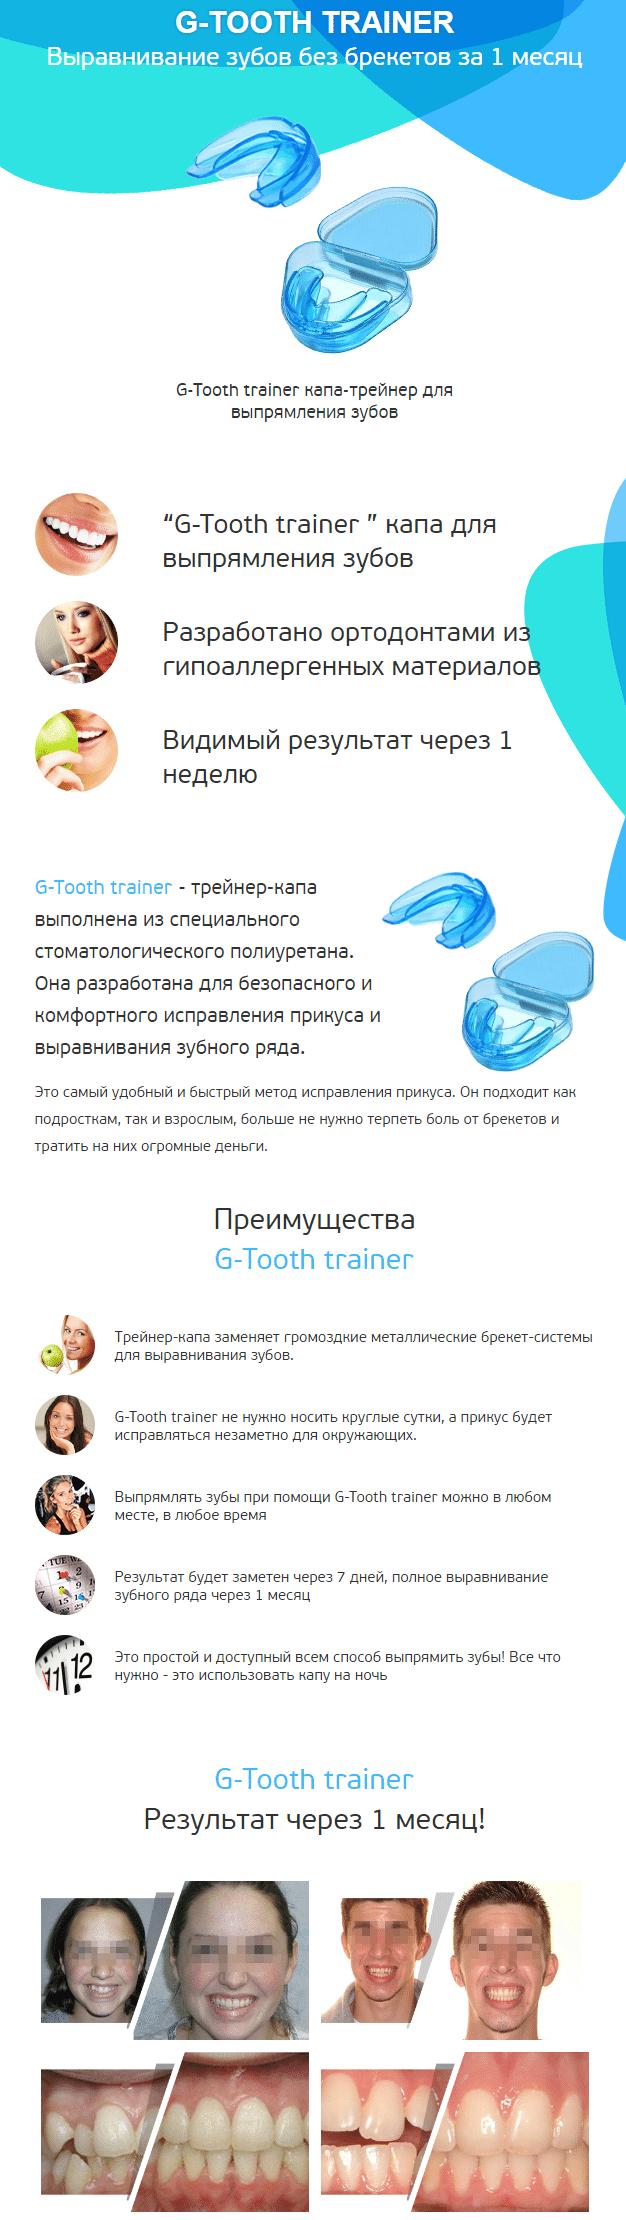 G-Tooth Trainer (Джи-Тус Трейнер) — трейнер для выпрямления зубов купить